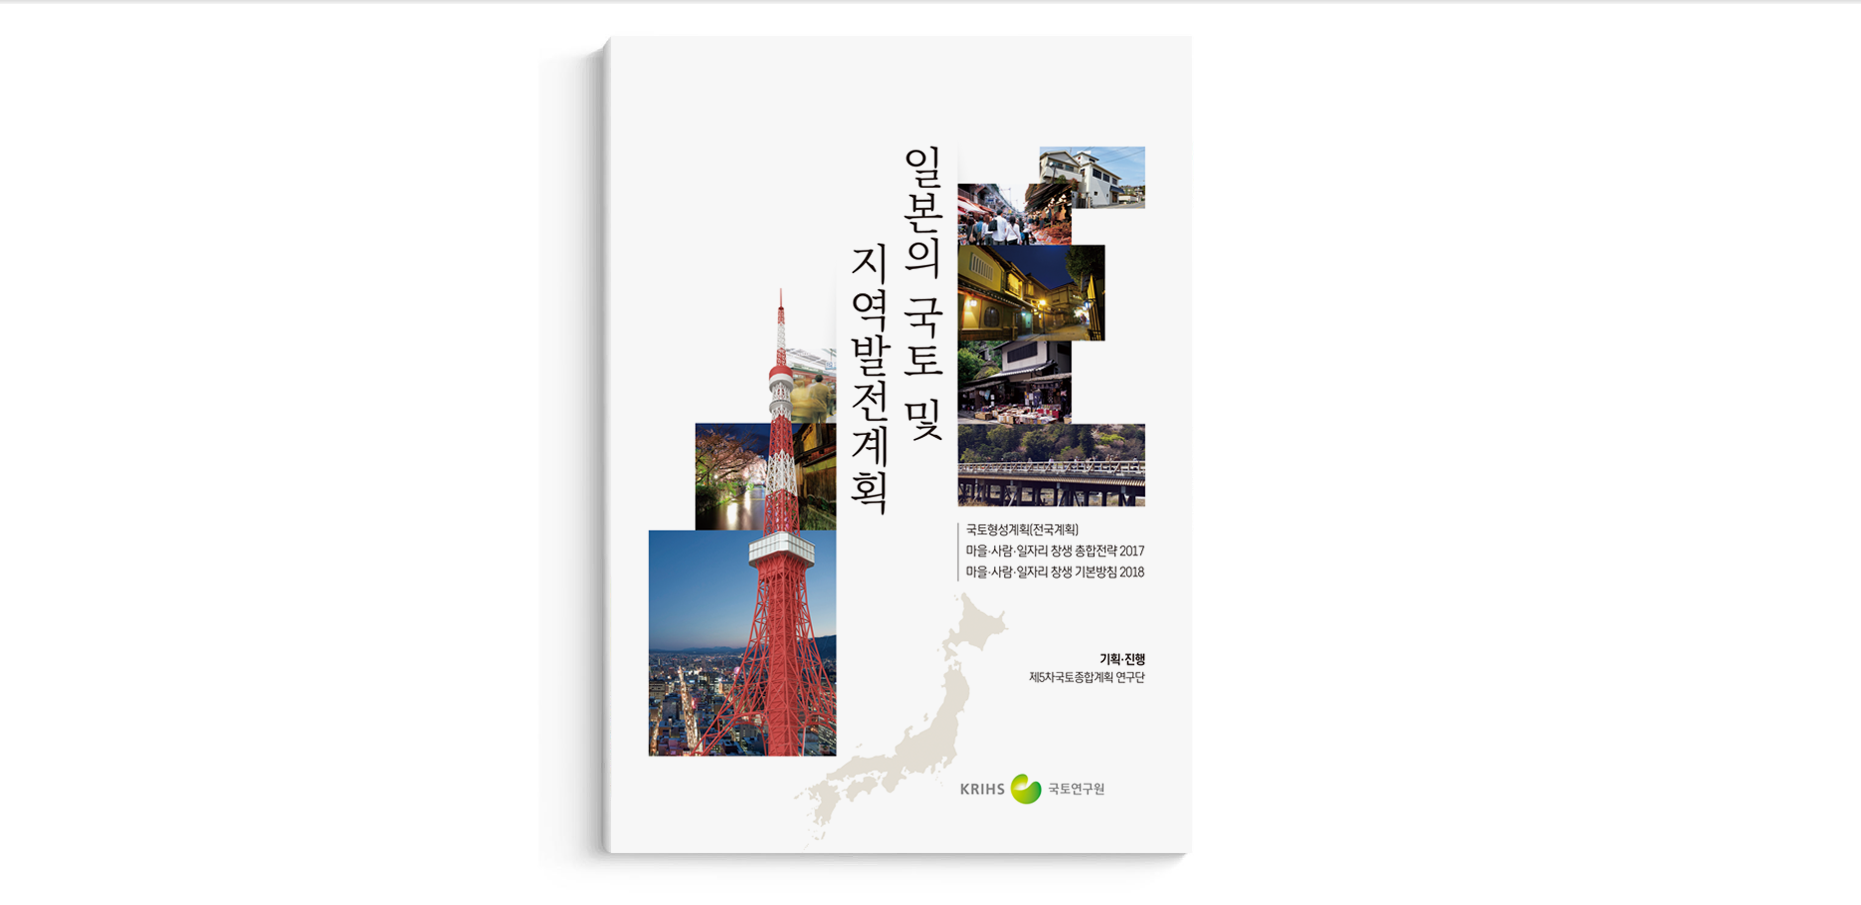 「일본의 국토 및 지역발전계획」 출간